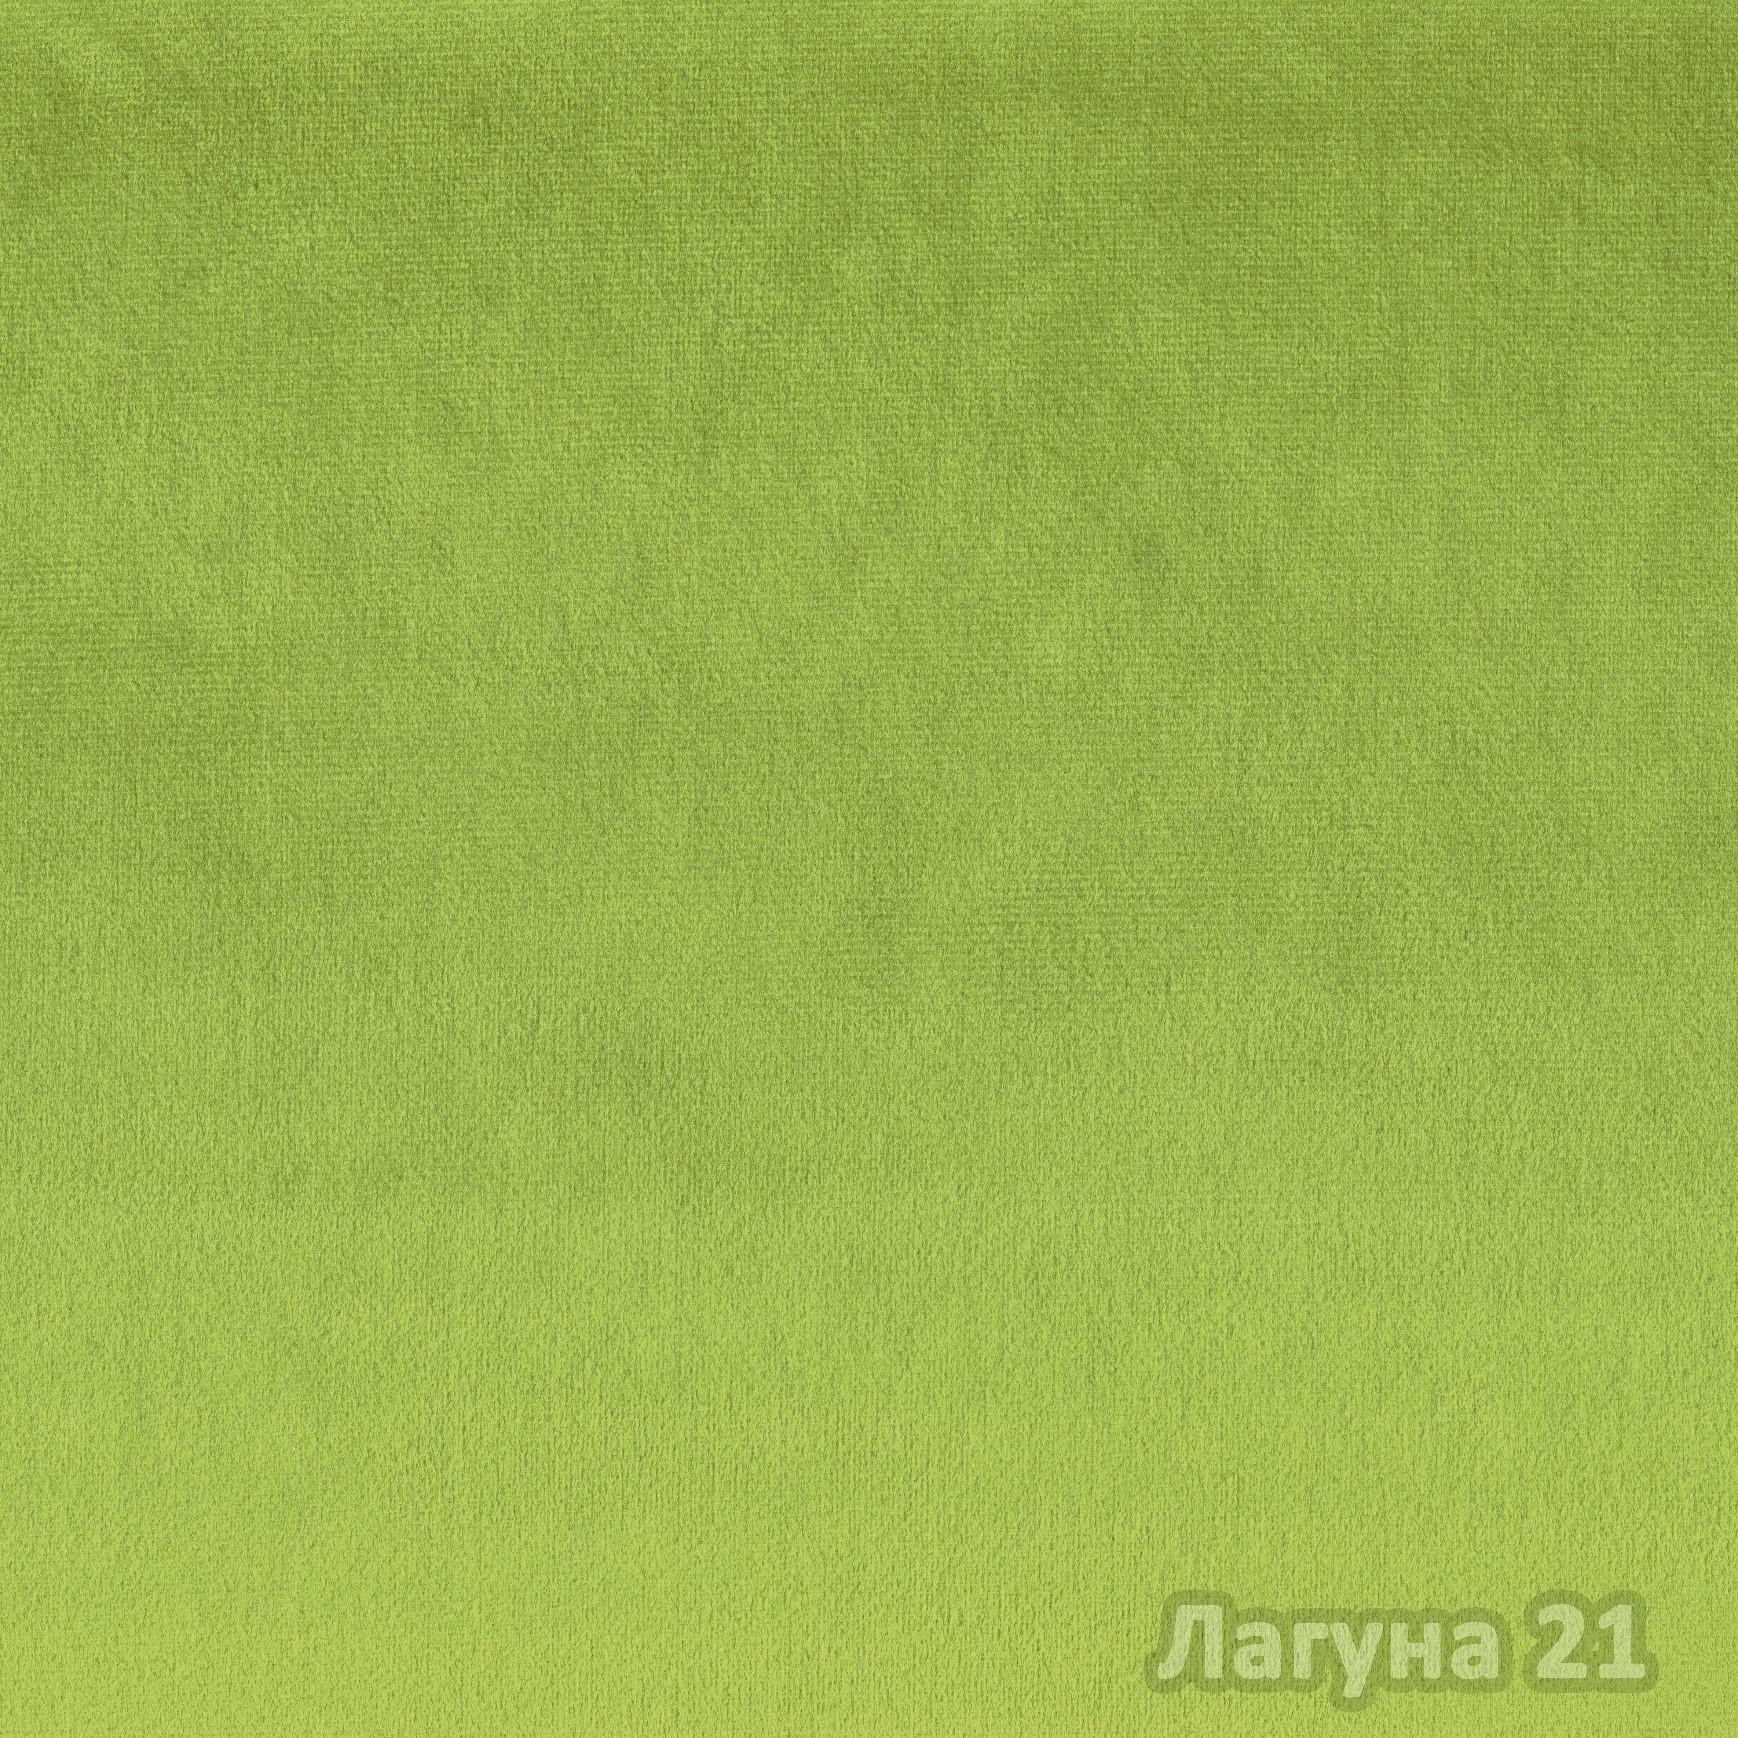 Коллекция ткани Лагуна 21,  купить ткань Велюр для мебели Украина